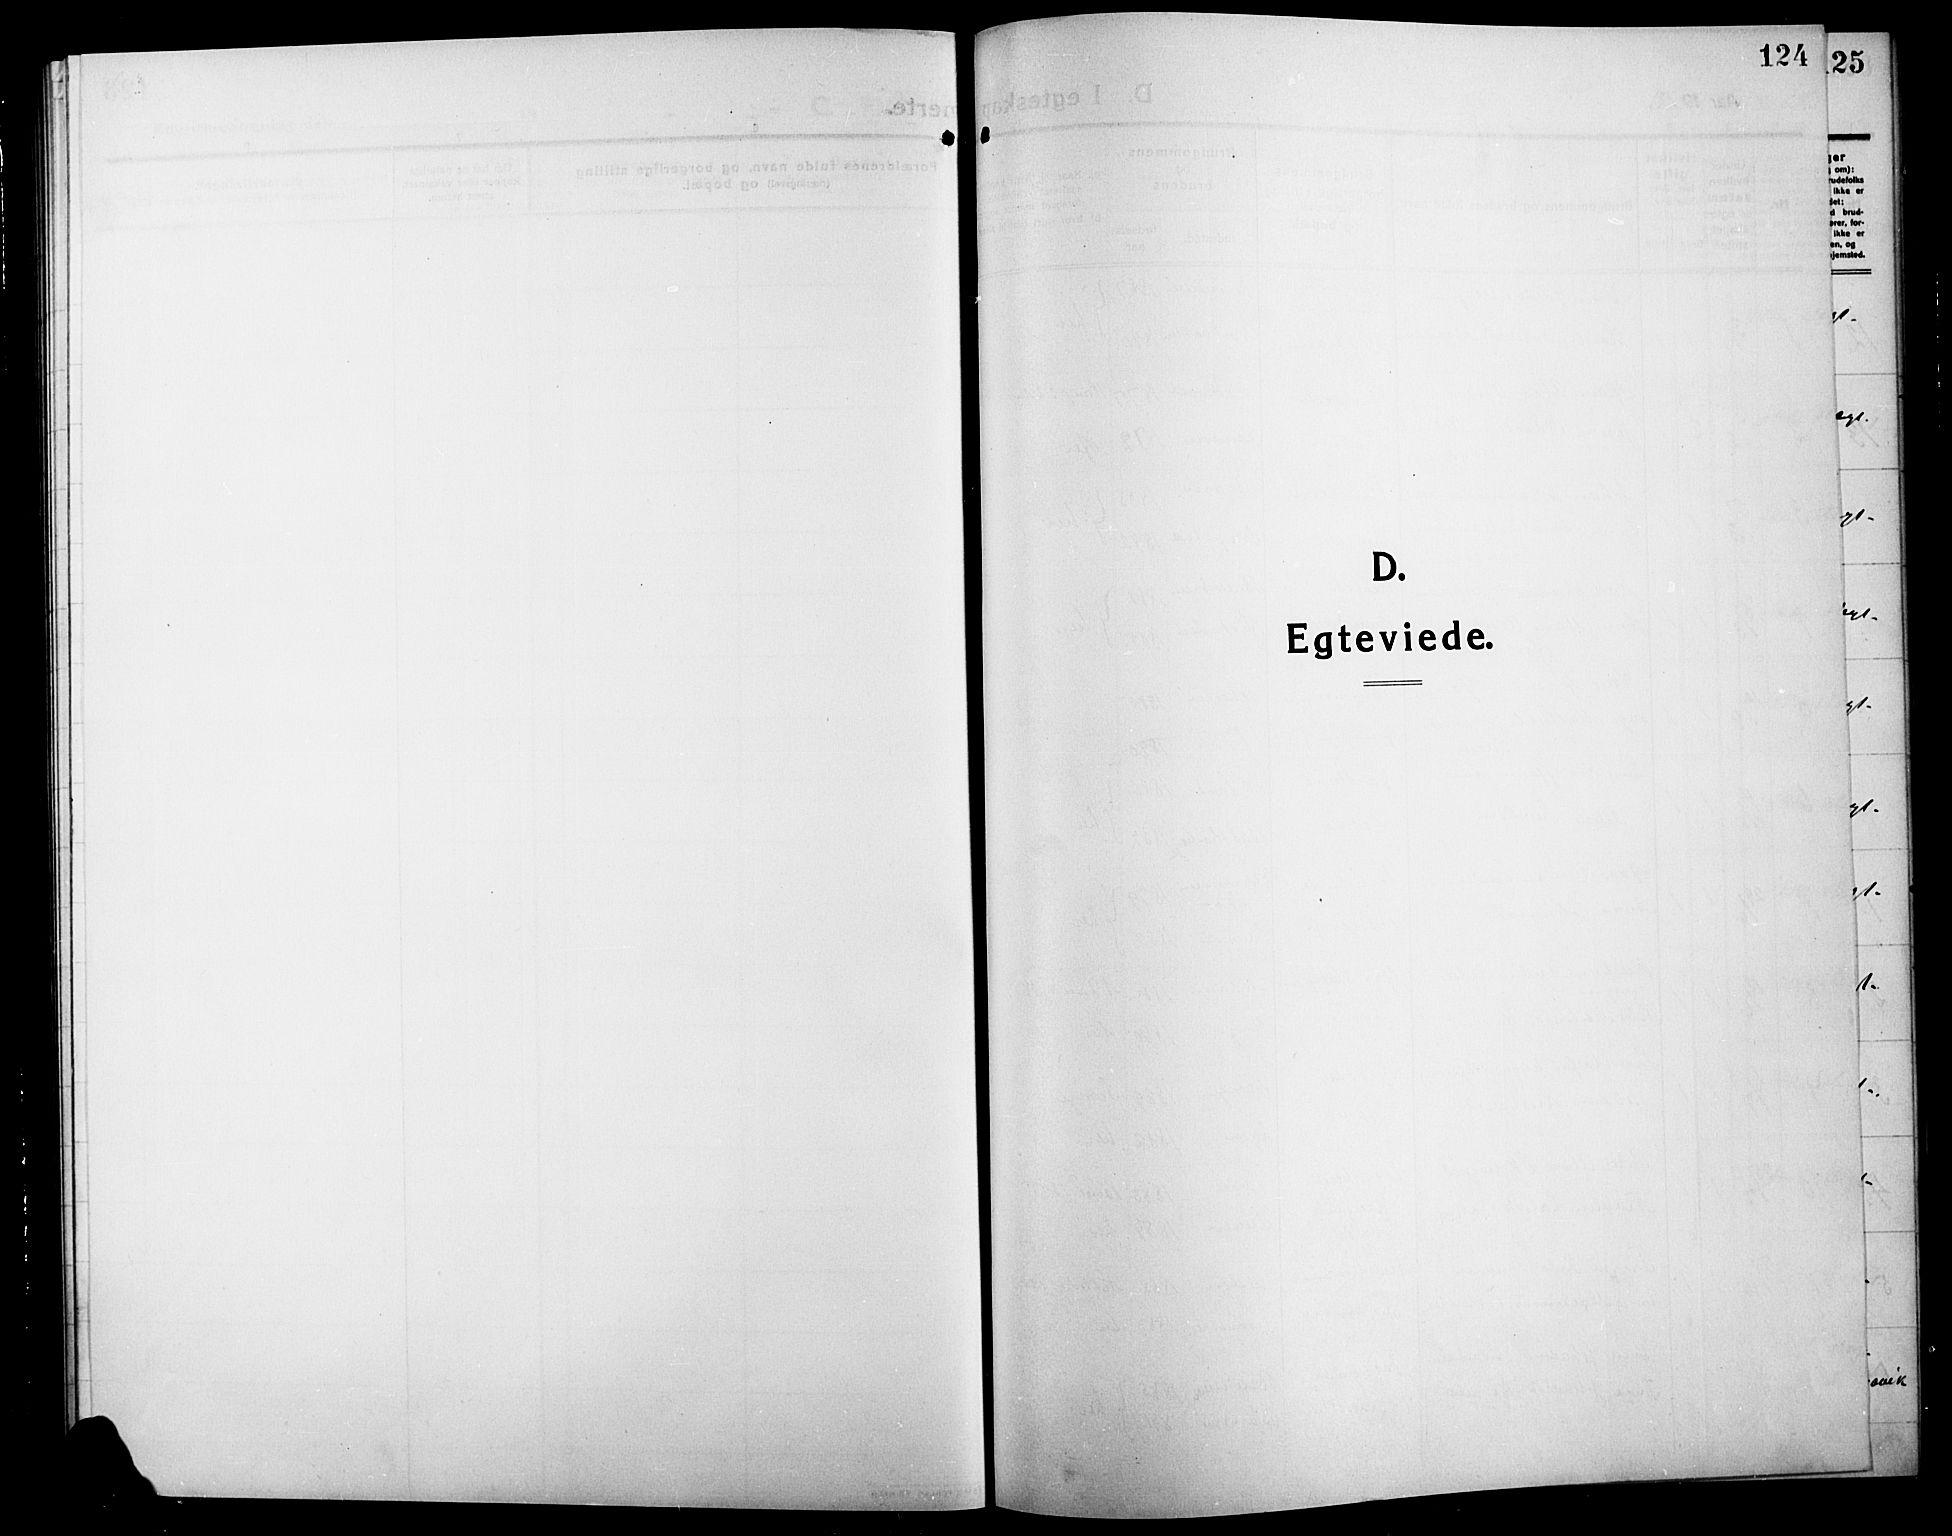 SAH, Søndre Land prestekontor, L/L0006: Parish register (copy) no. 6, 1912-1925, p. 124